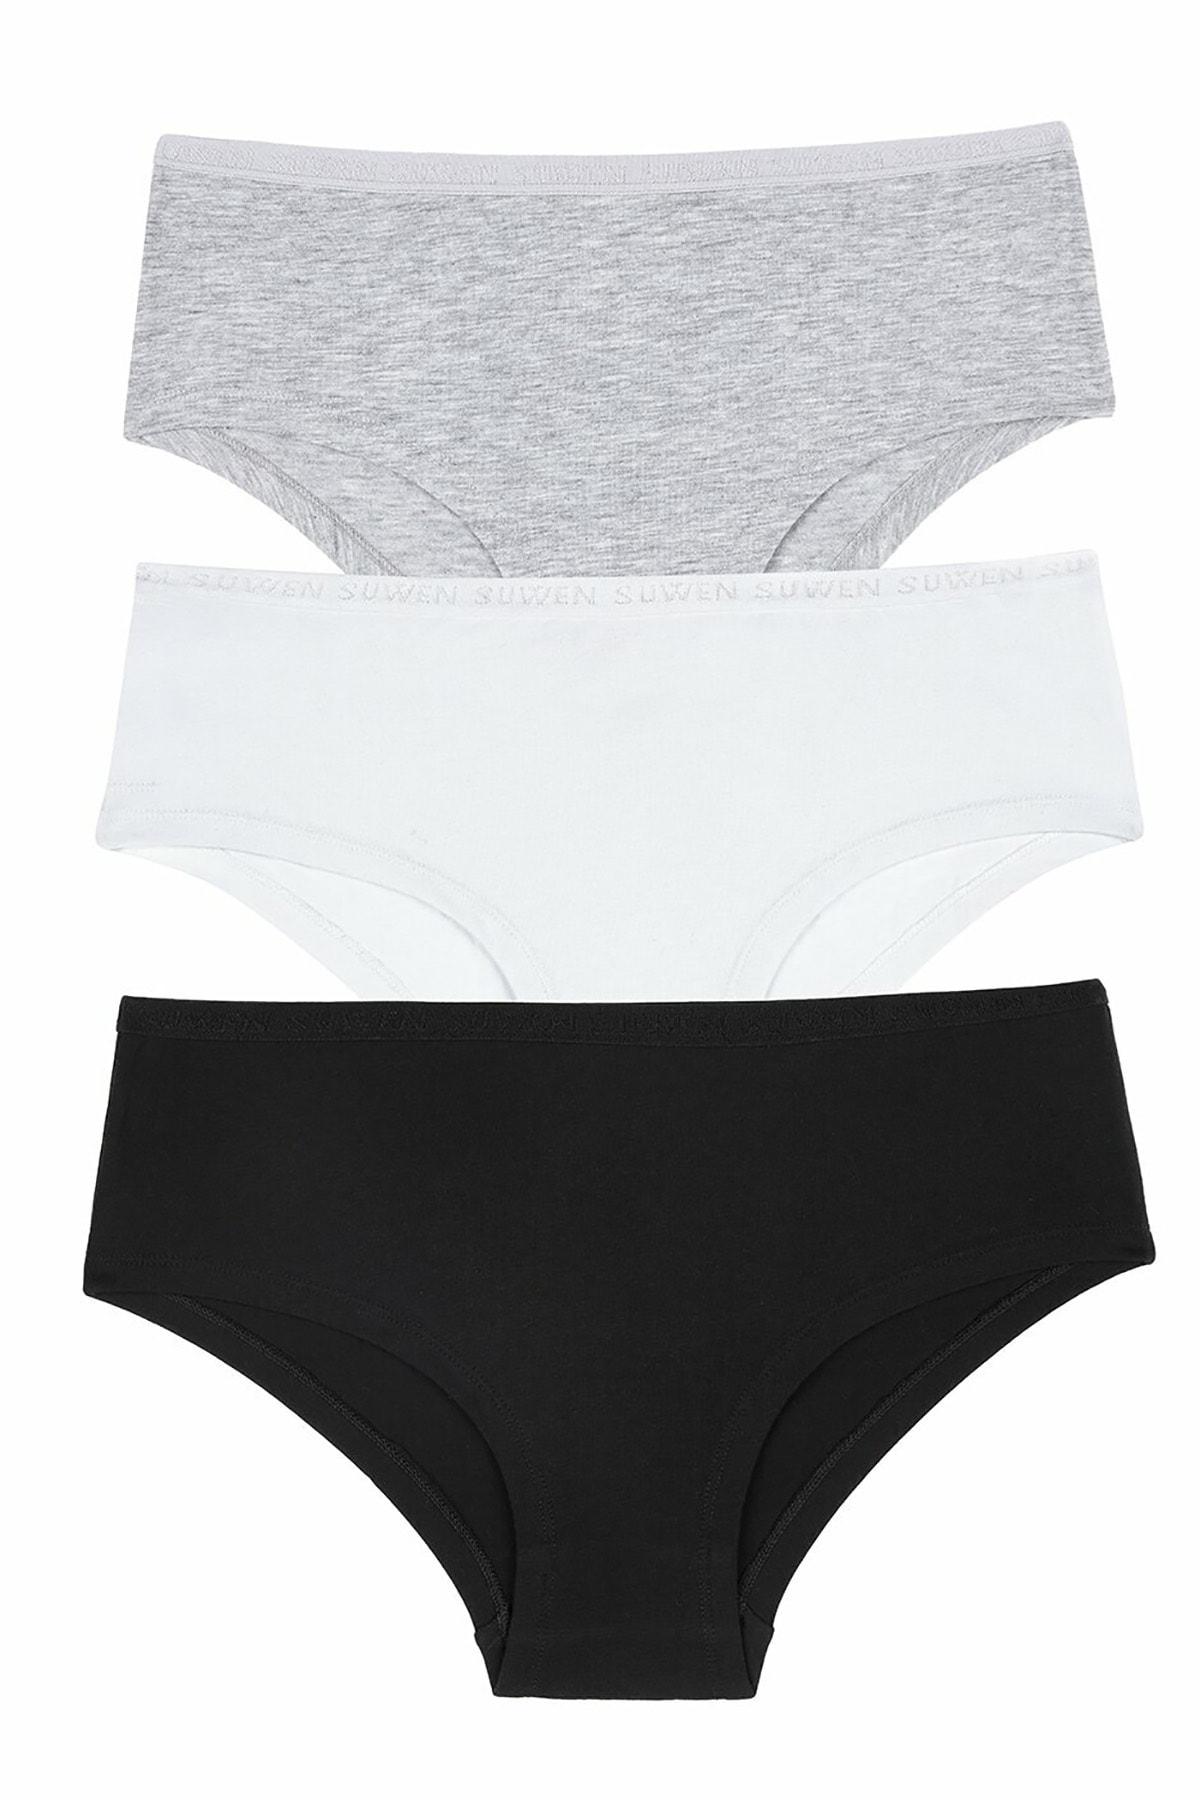 SUWEN Kadın Siyah/Gri/Beyaz 3 Lü Pamuklu Hipster Külot